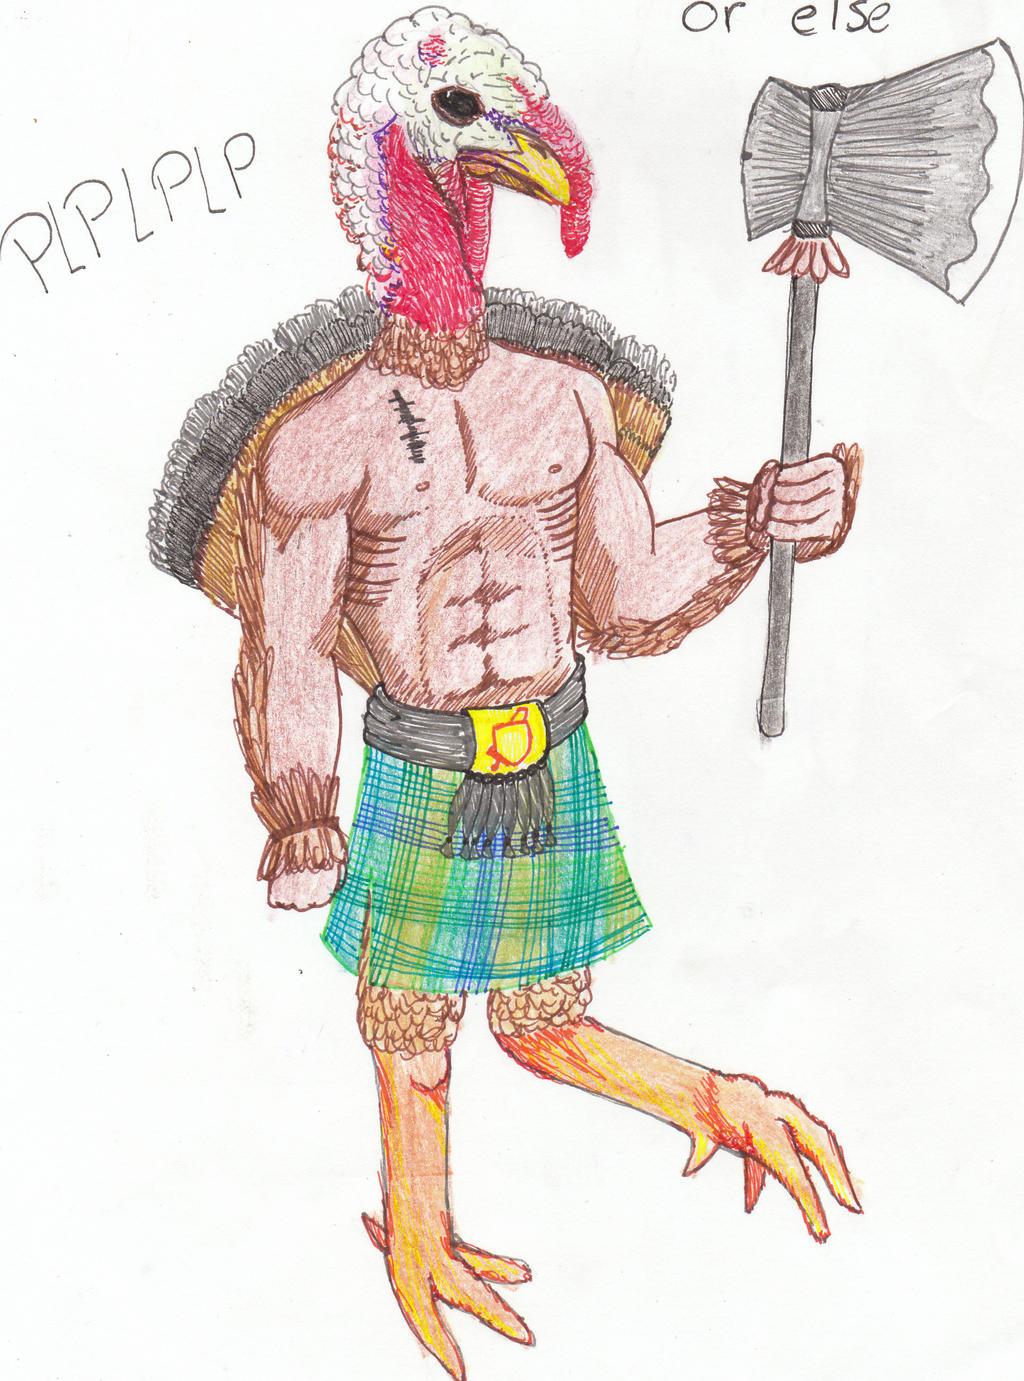 turkey warrior by moniekvh on DeviantArt